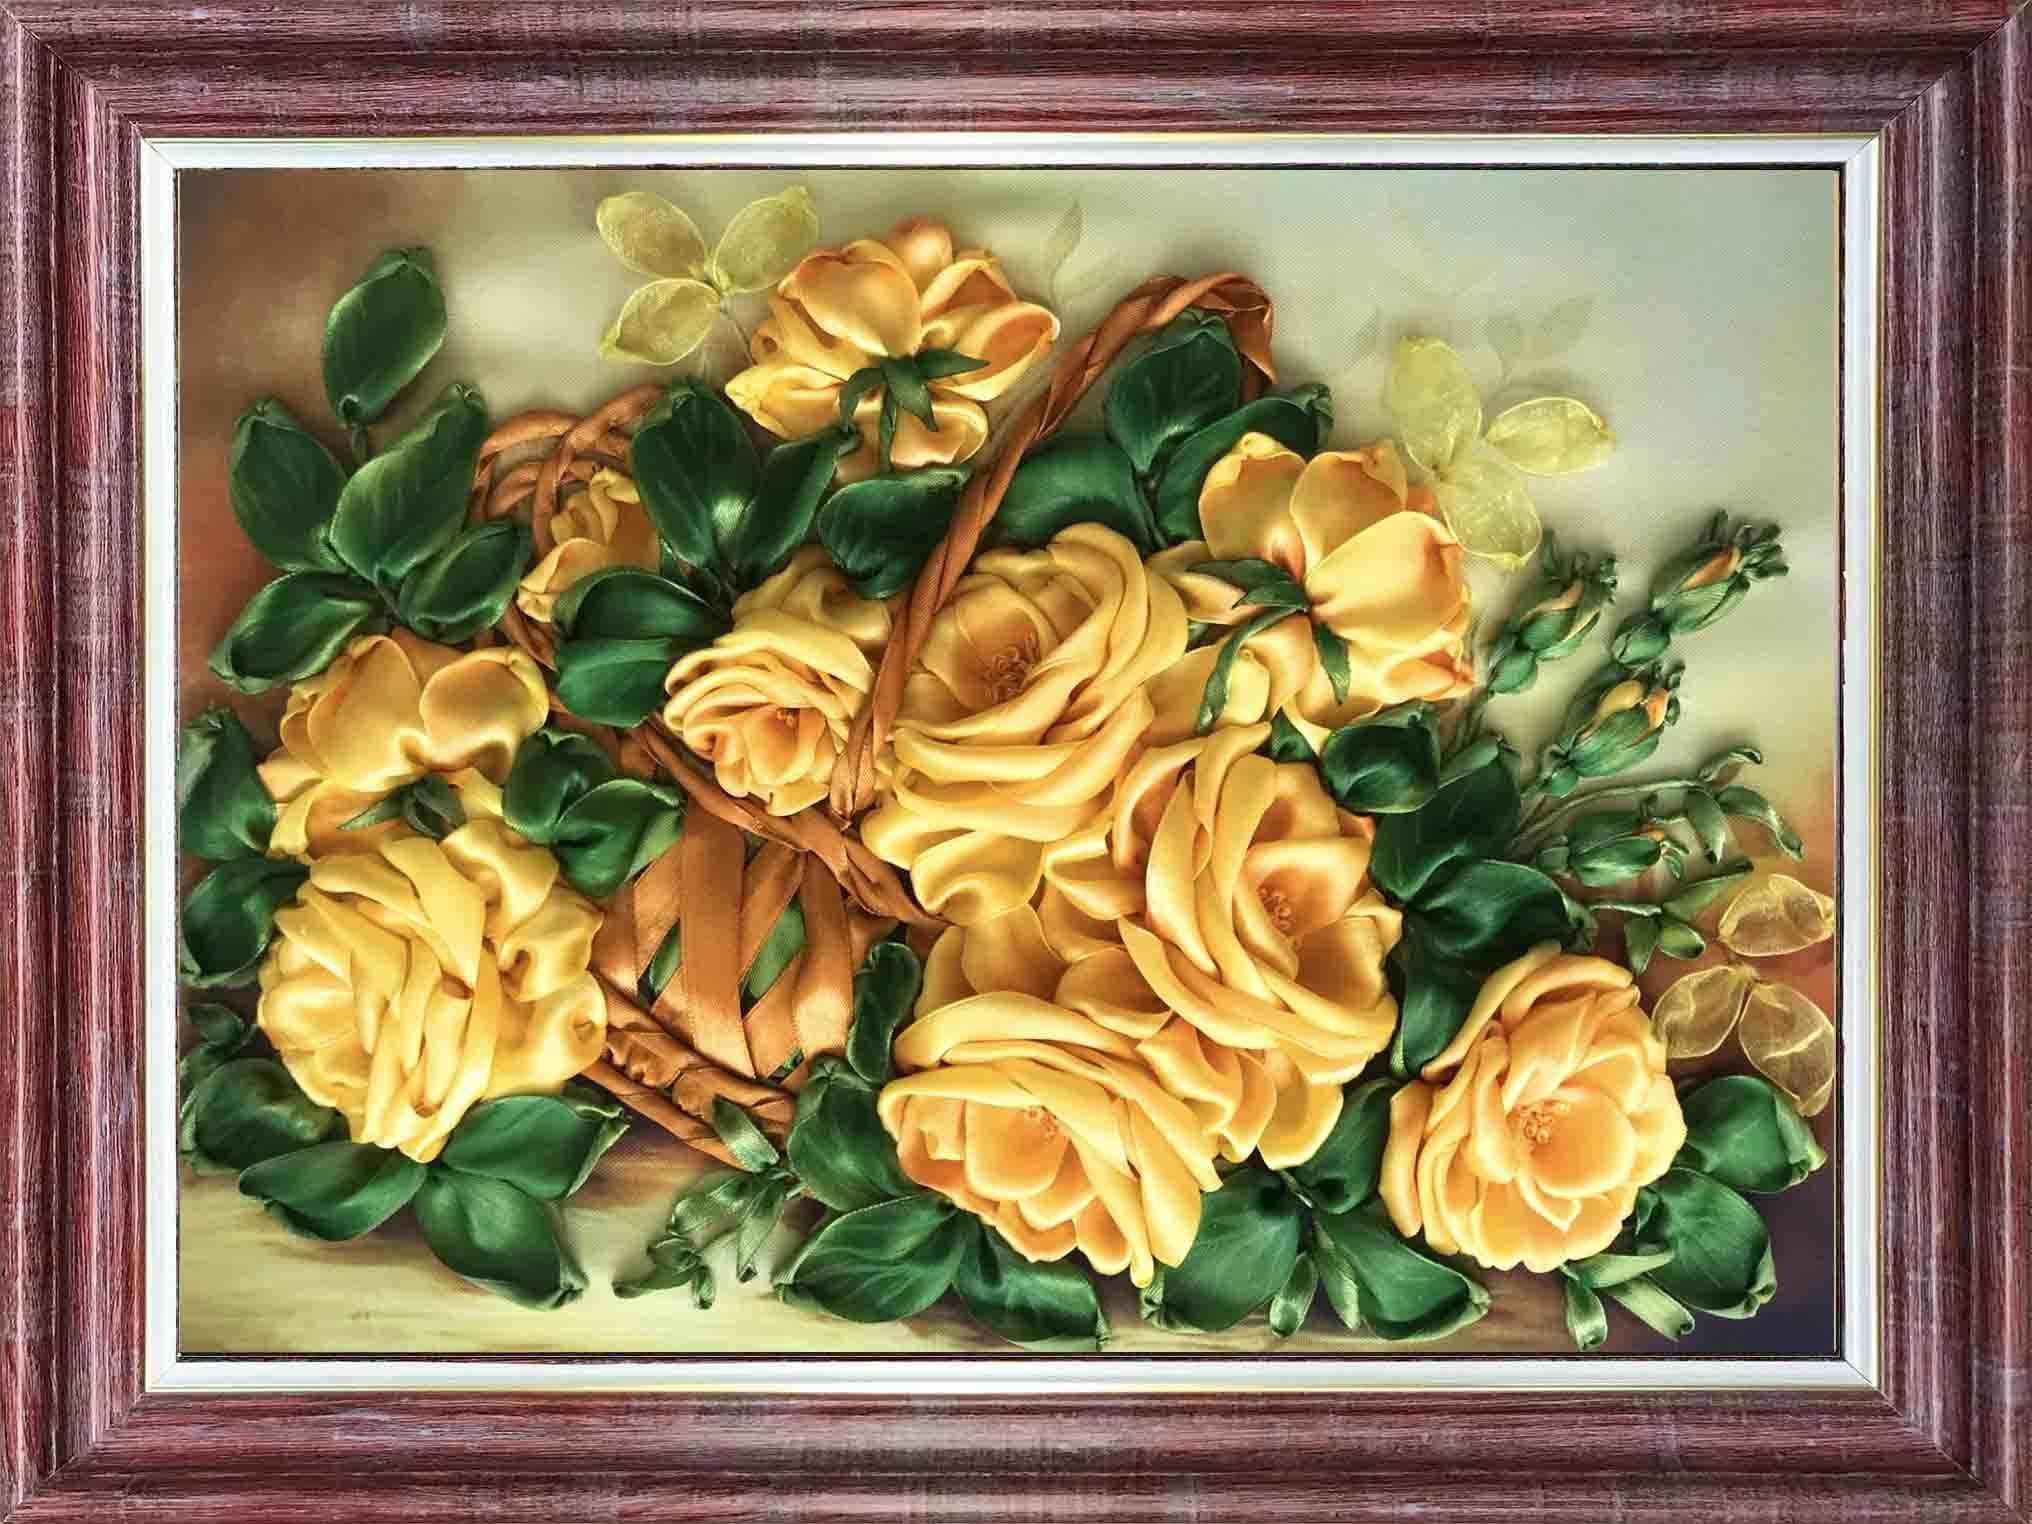 КЛ(н) 3030 Желтые розы - набор (Каролинка)